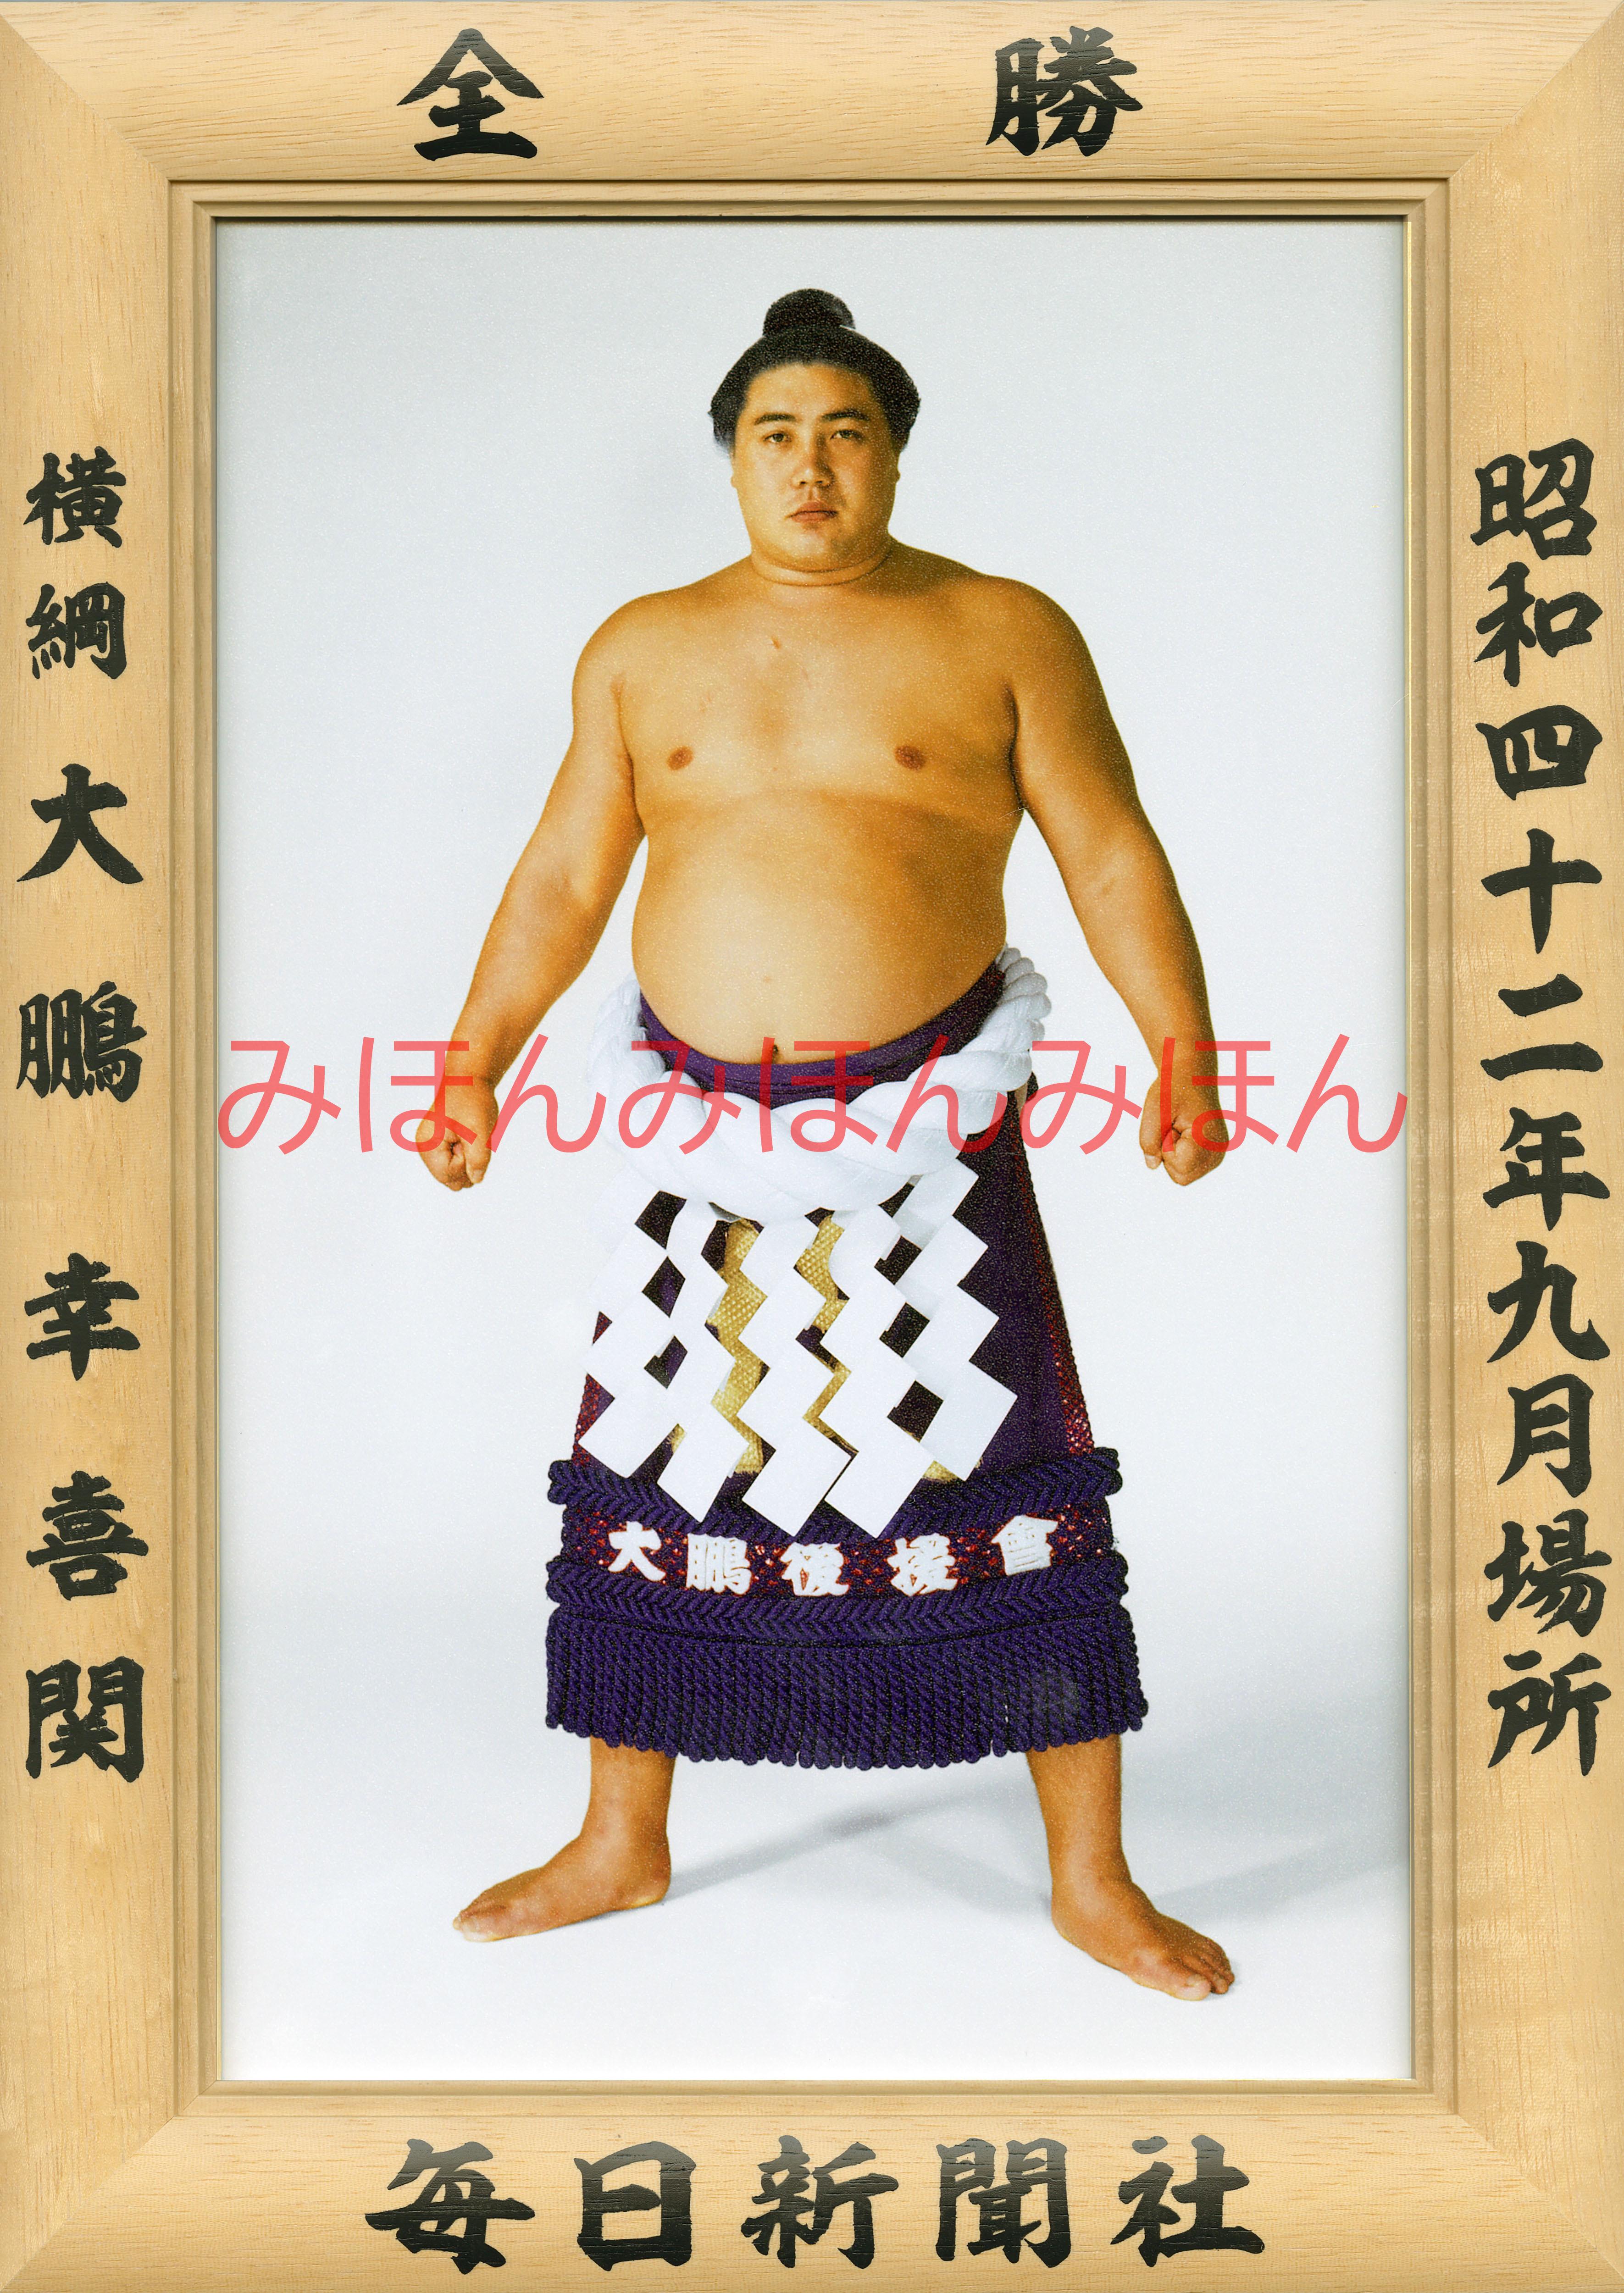 昭和42年9月場所全勝 横綱 大鵬幸喜関(26回目の優勝)